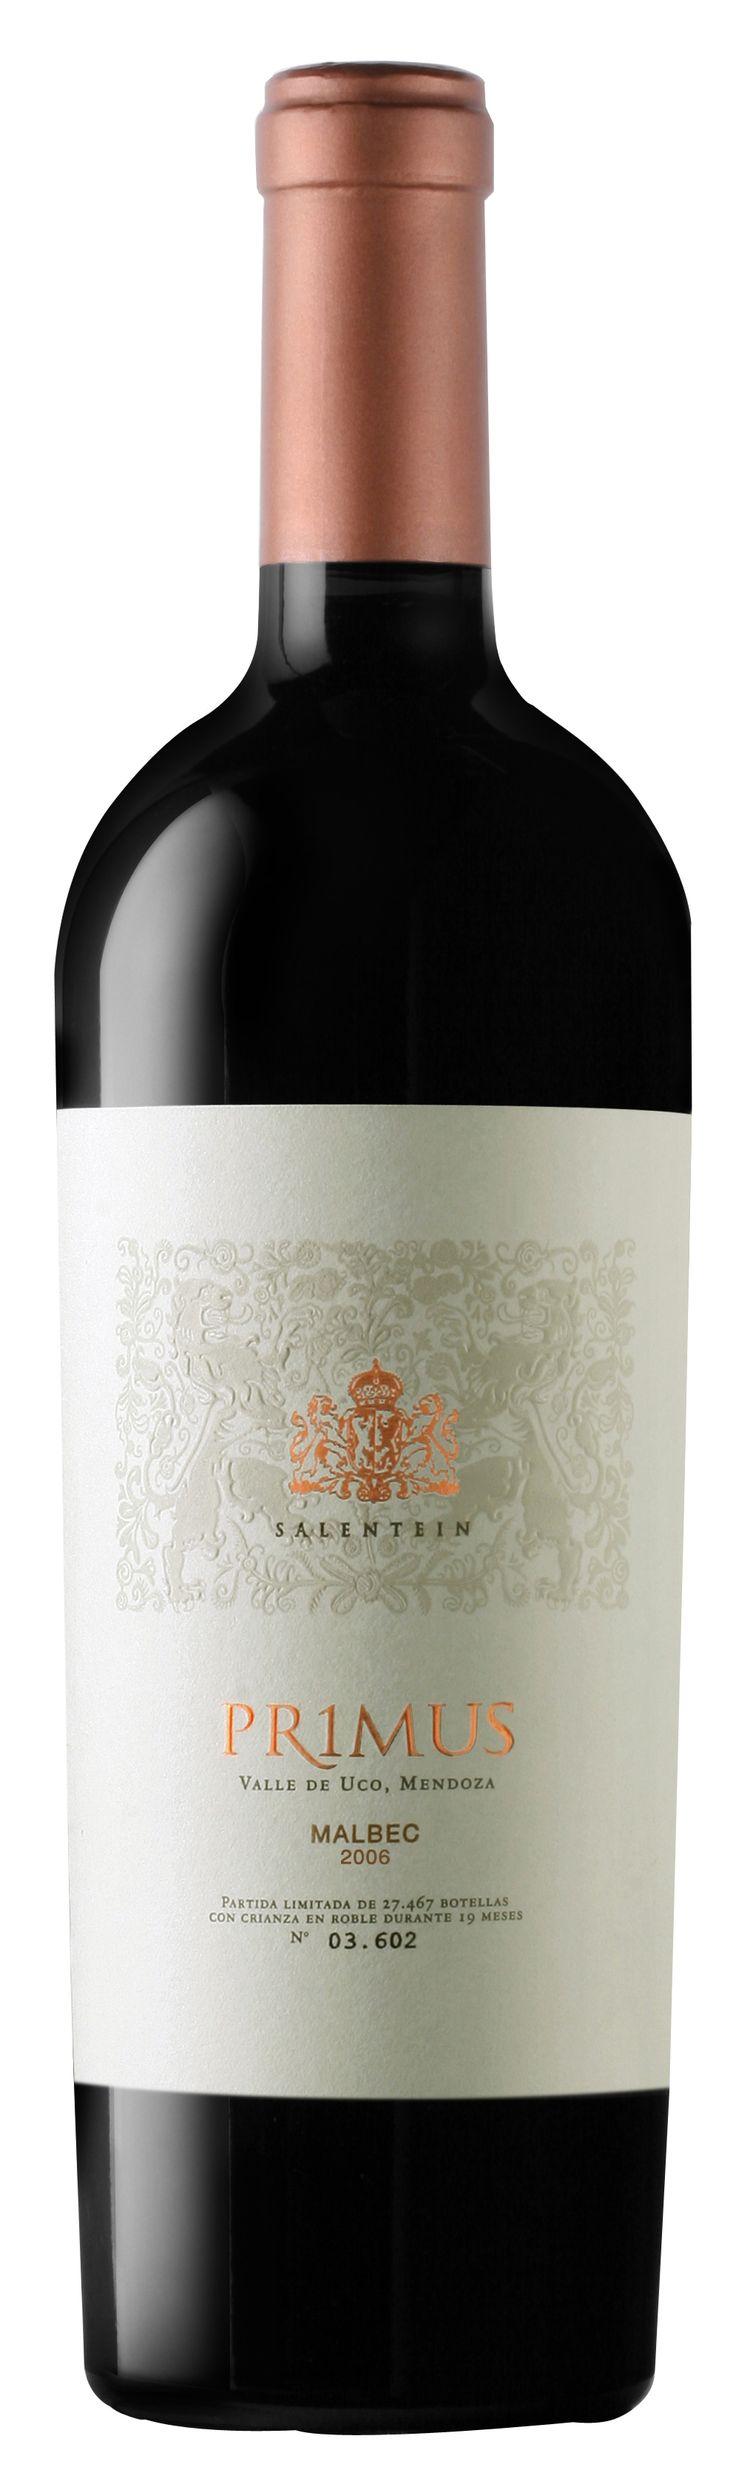 Mi vino favorito Malbec, Mendoza, Argentina, en este caso un Salentein Primus Malbec 2003